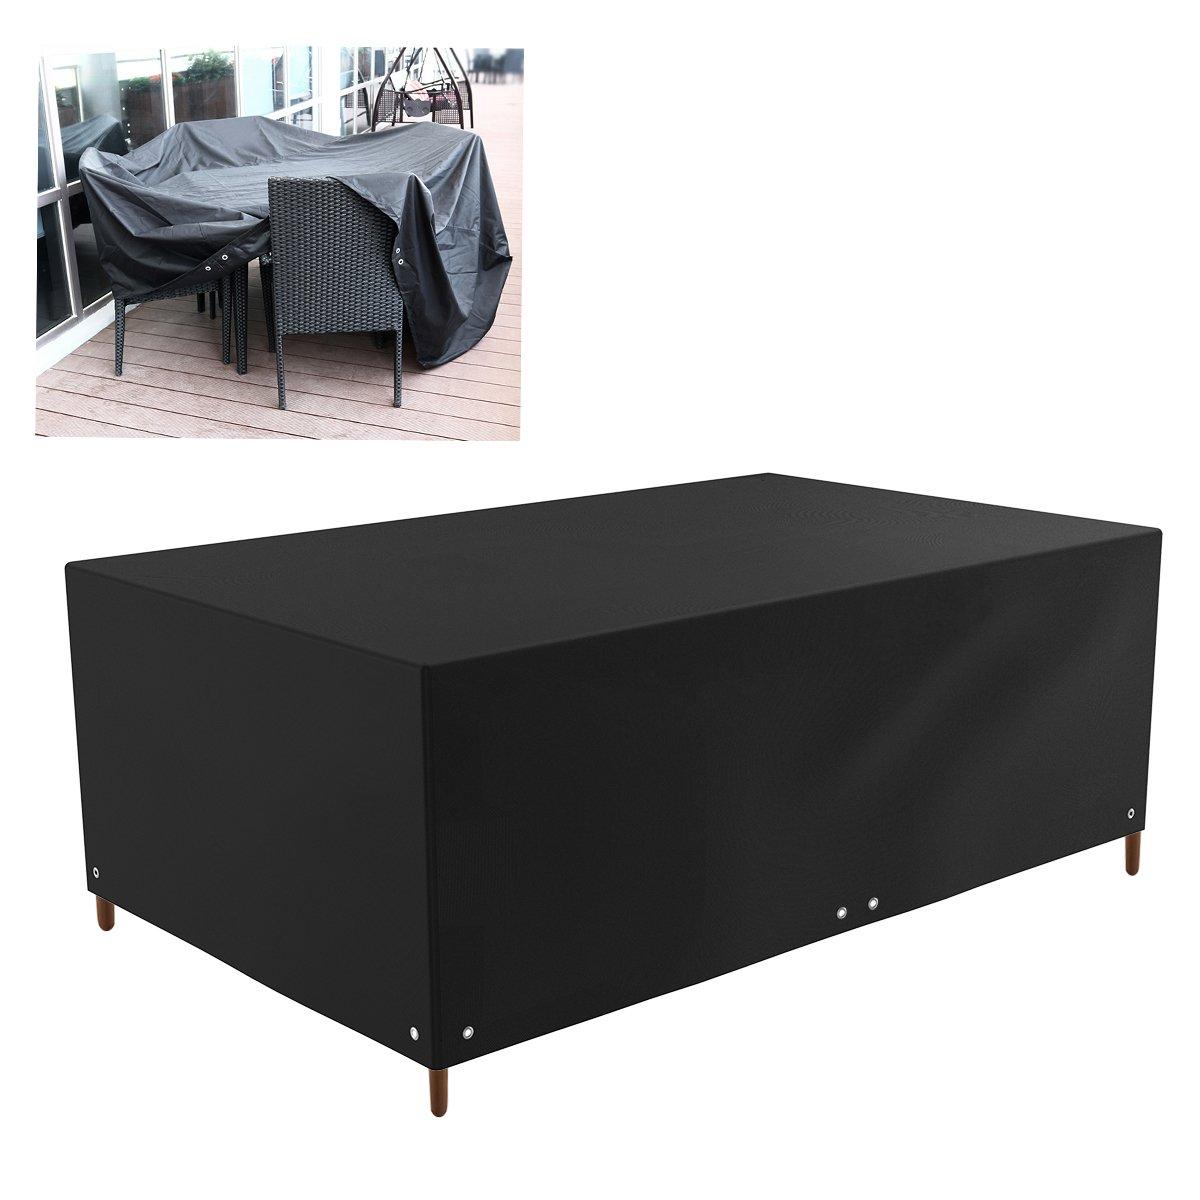 WINOMO Funda para Muebles de Jardín Impermeable Funda para Mesa para Mobiliario de Exterior Mesa (213x132x74cm): Amazon.es: Hogar